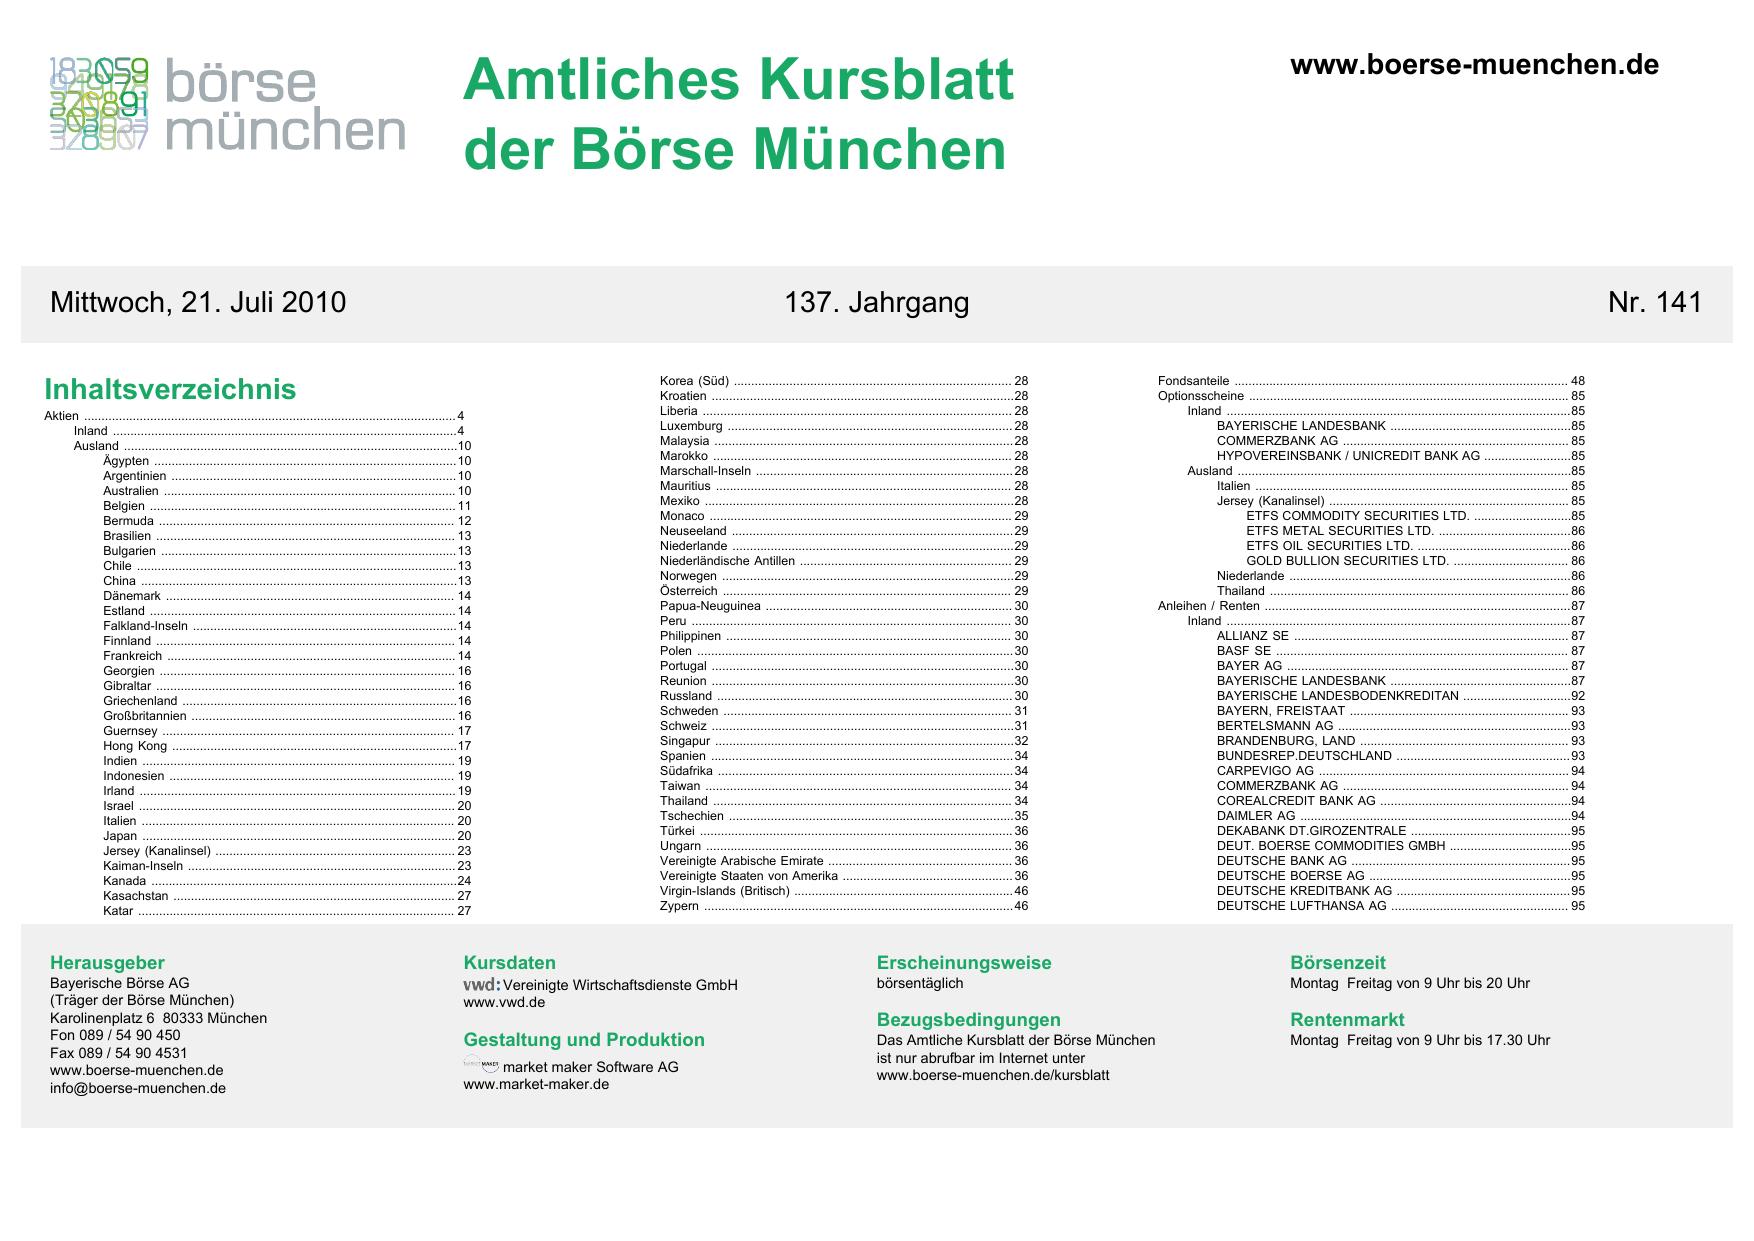 Amtliches Kursblatt der Börse München | manualzz com